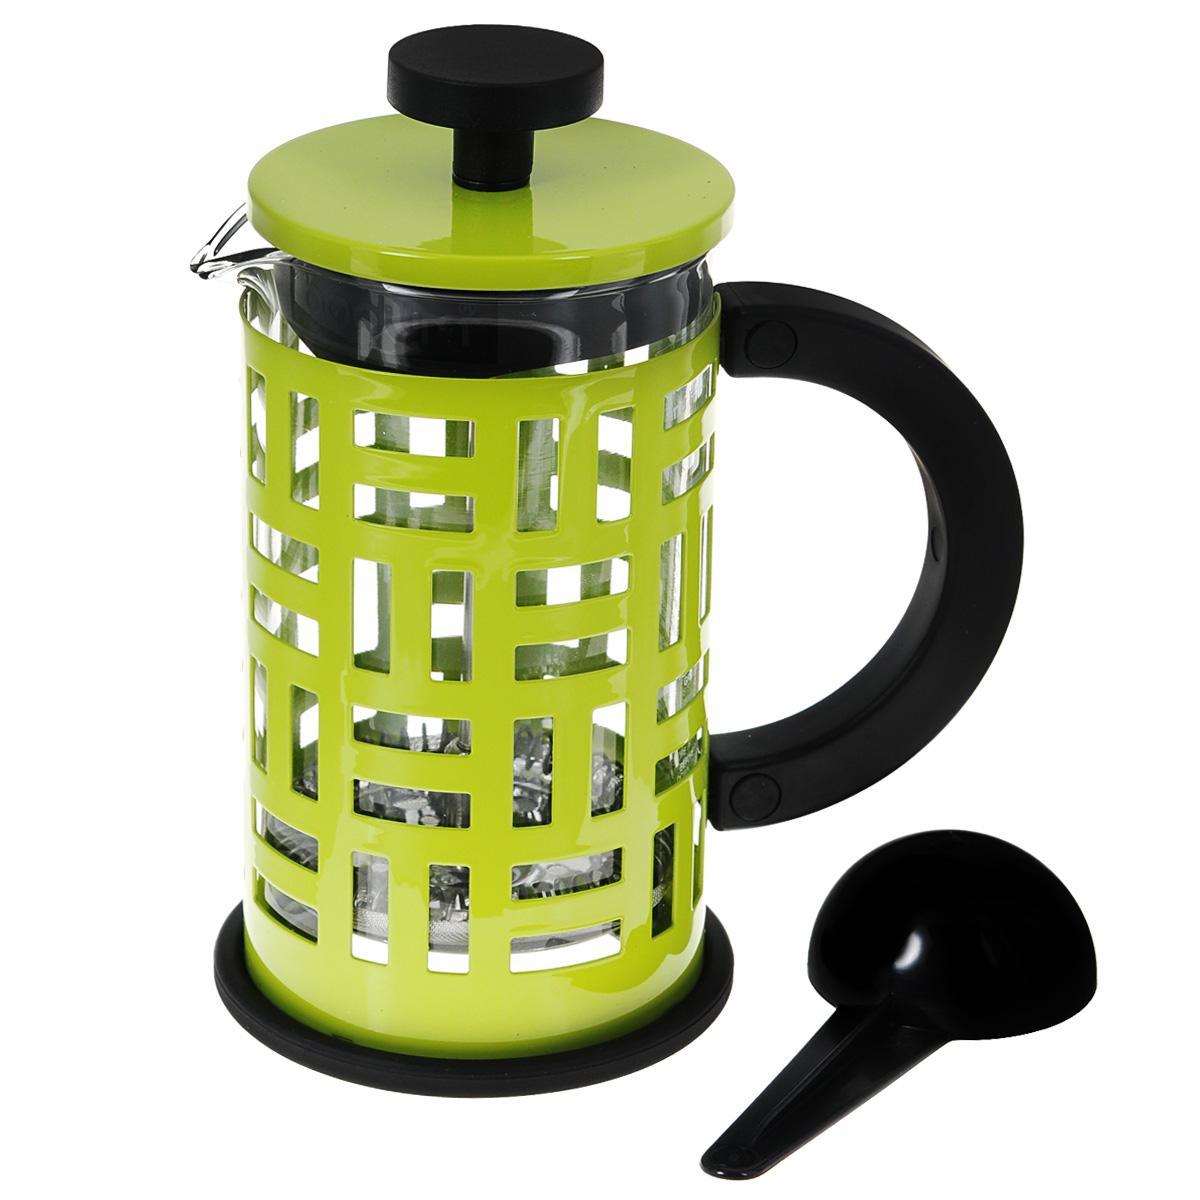 Кофейник Bodum Eileen с прессом, с ложечкой, цвет: зеленый, 0,35 л54 009312Кофейник Bodum Eileen представляет собой колбу из термостойкого стекла в цельной оправе из окрашенной нержавеющей стали. Оправа защищает хрупкую колбу от толчков и ударов. Кофейник оснащен стальным фильтром french press, который позволяет легко и просто приготовить отличный напиток. Ненагревающаяся ручка кофейника выполнена из пластика. В комплекте небольшая мерная ложечка из черного пластика.Благодаря такому кофейнику приготовление вкуснейшего ароматного и крепкого кофе займет всего пару минут. Профессиональная серия Eileen была задумана и создана в честь великого архитектора и дизайнера - Эйлин Грей (Eileen Gray). При создании серии были особо учтены соображения функционального удобства. Стильный внешний вид и практичность в использовании сделали Eileen чрезвычайно востребованной серией. Объем: 0,35 л.Диаметр кофейника по верхнему краю: 7 см.Высота стенки кофейника: 13,5 см.Длина ложечки: 10 см.